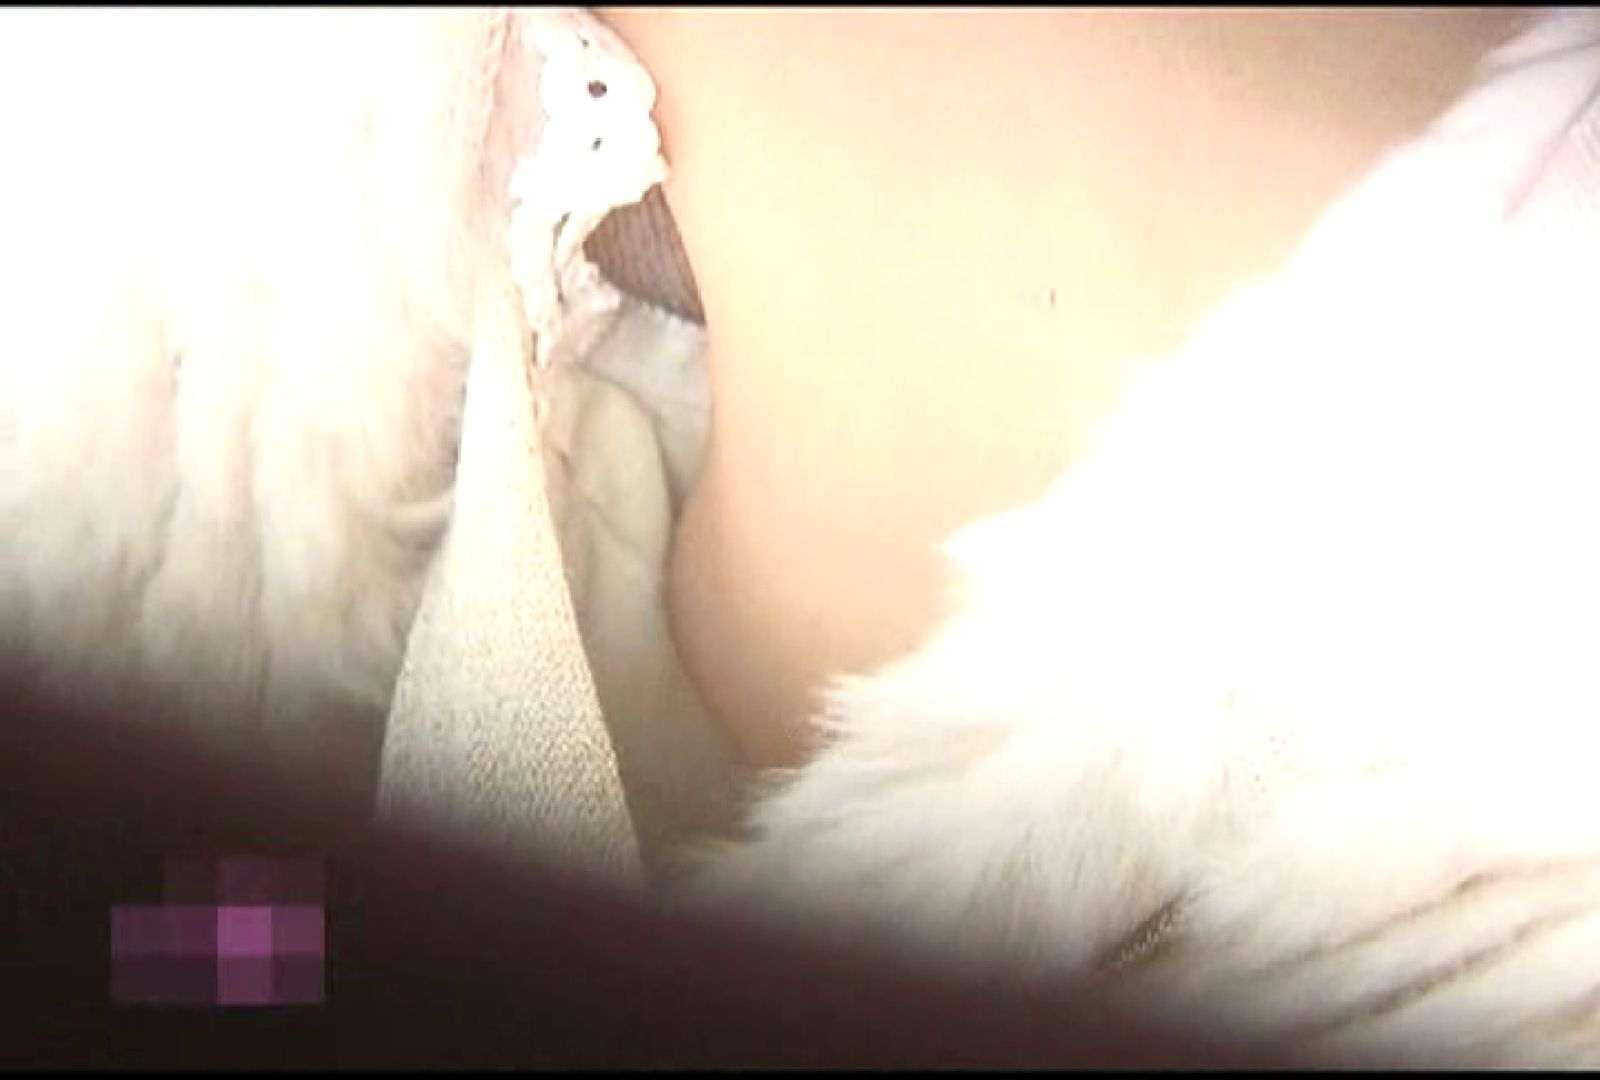 熱視線Vol.5 OLセックス | 乳首ポロリ  77画像 25